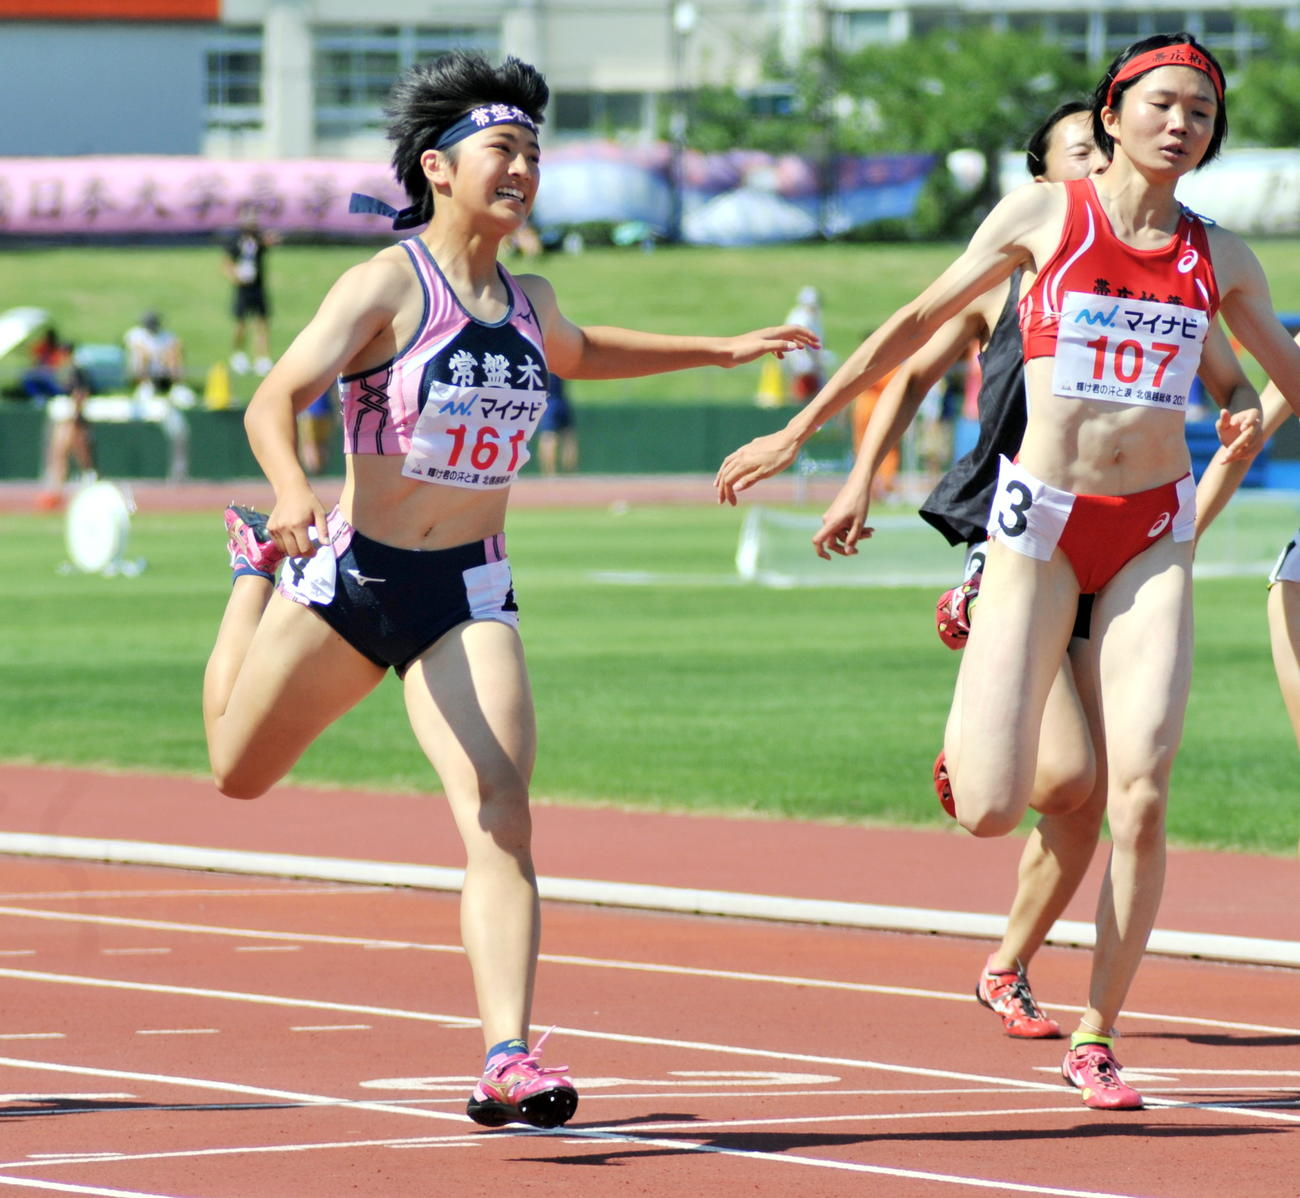 女子200メートル決勝 佐藤(左)は2位小野寺に0秒10差でかわし、初優勝する